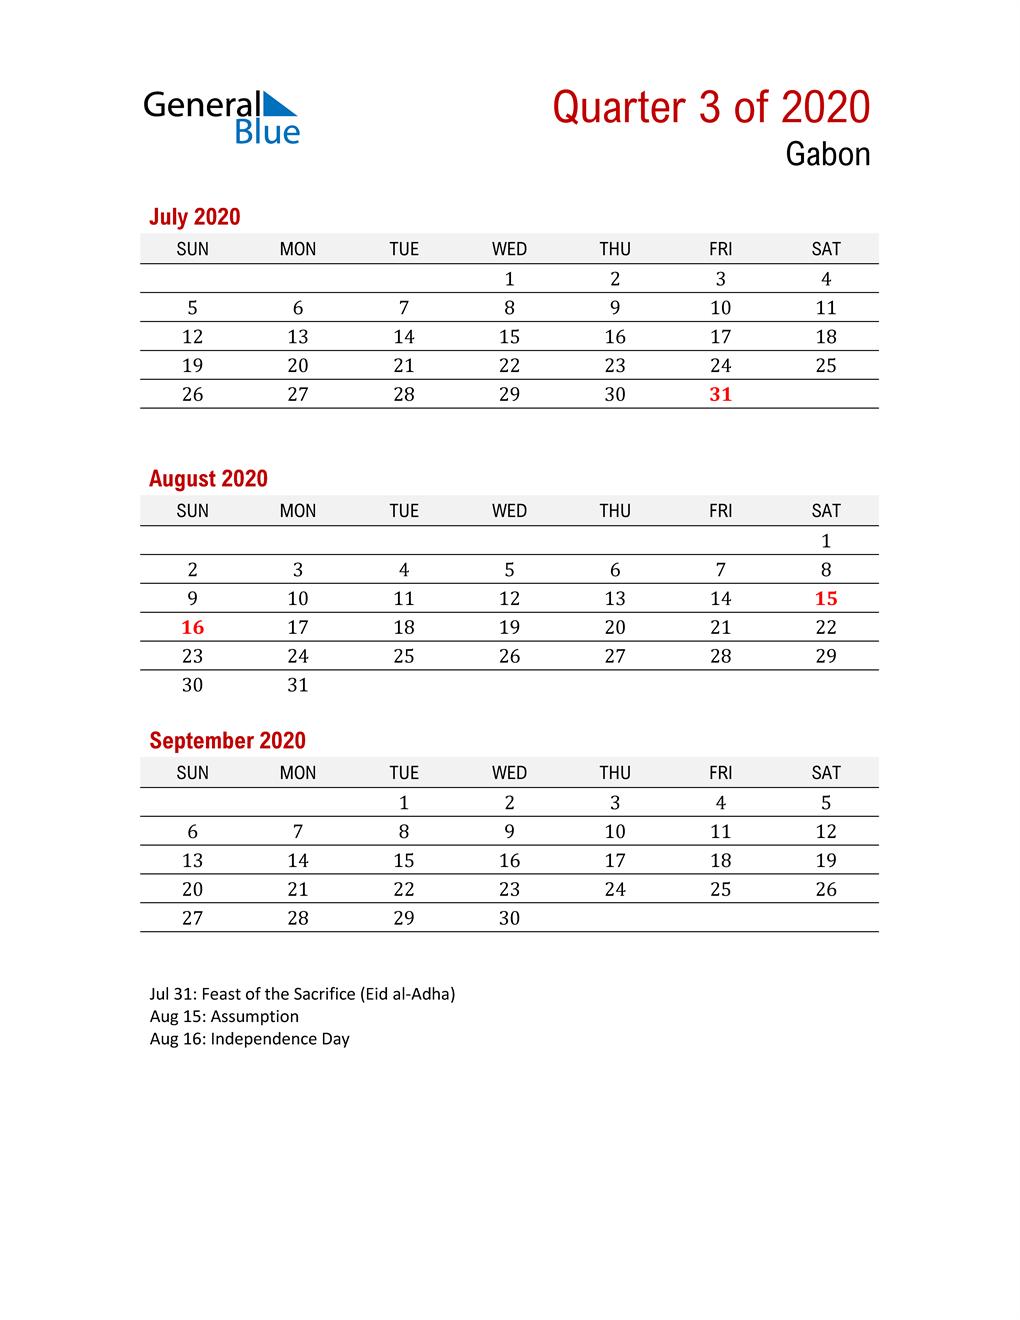 Printable Three Month Calendar for Gabon